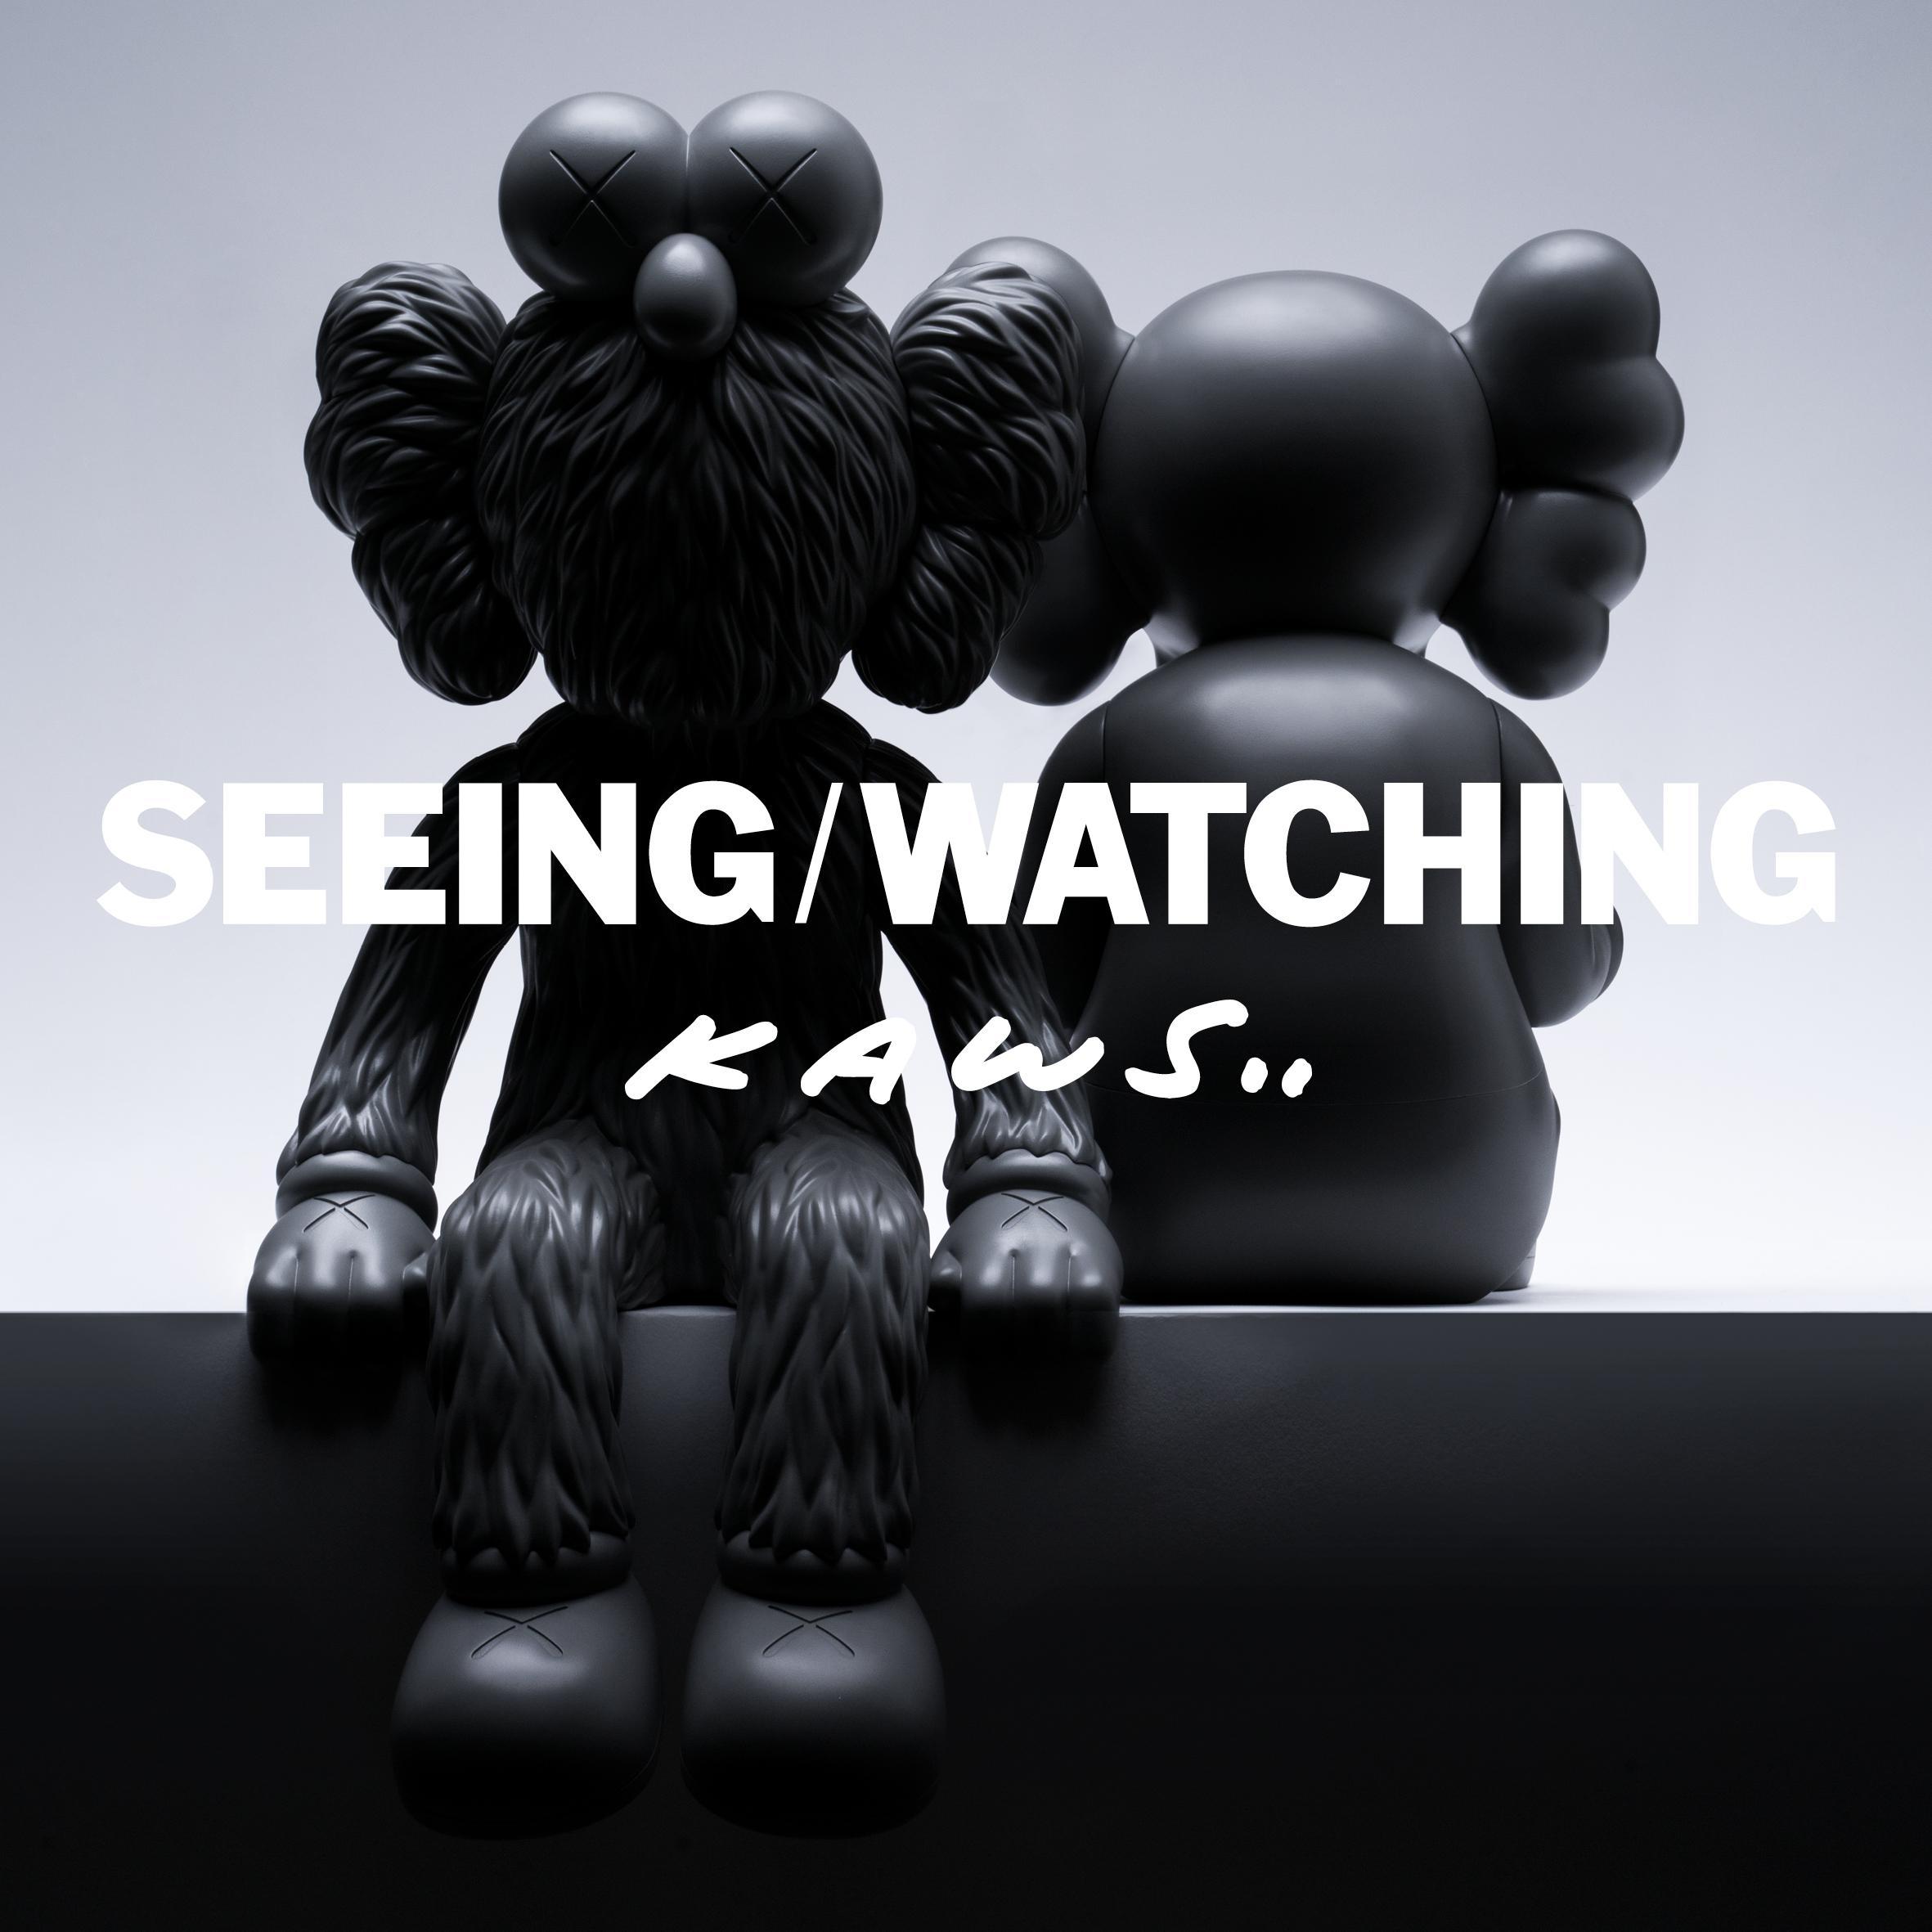 九龙仓长沙ifs 5月盛大开幕kaws永久雕塑率先进驻长沙